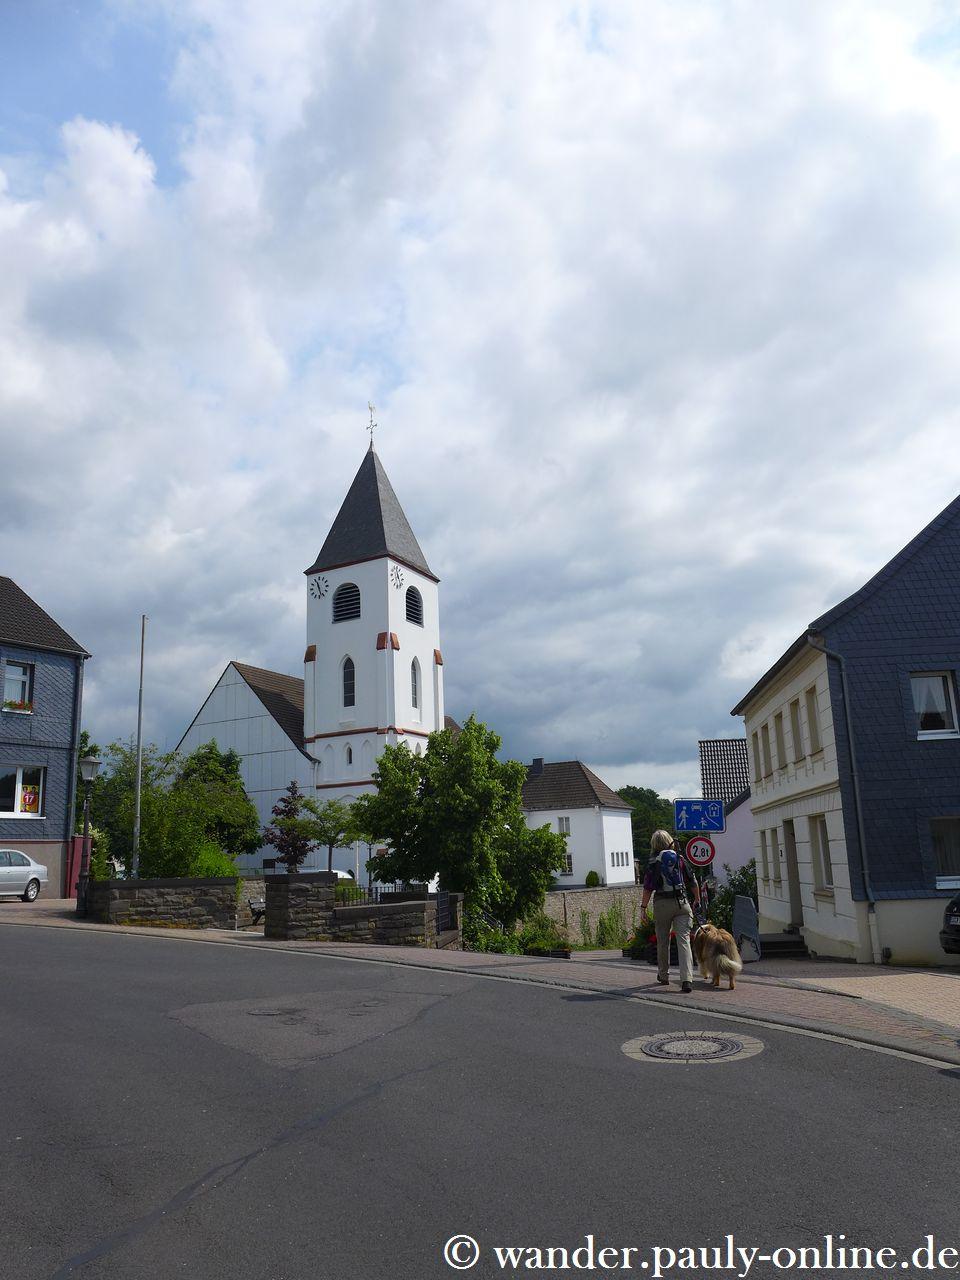 Pingenwanderweg - Kaller St. Nikolaus Kirche